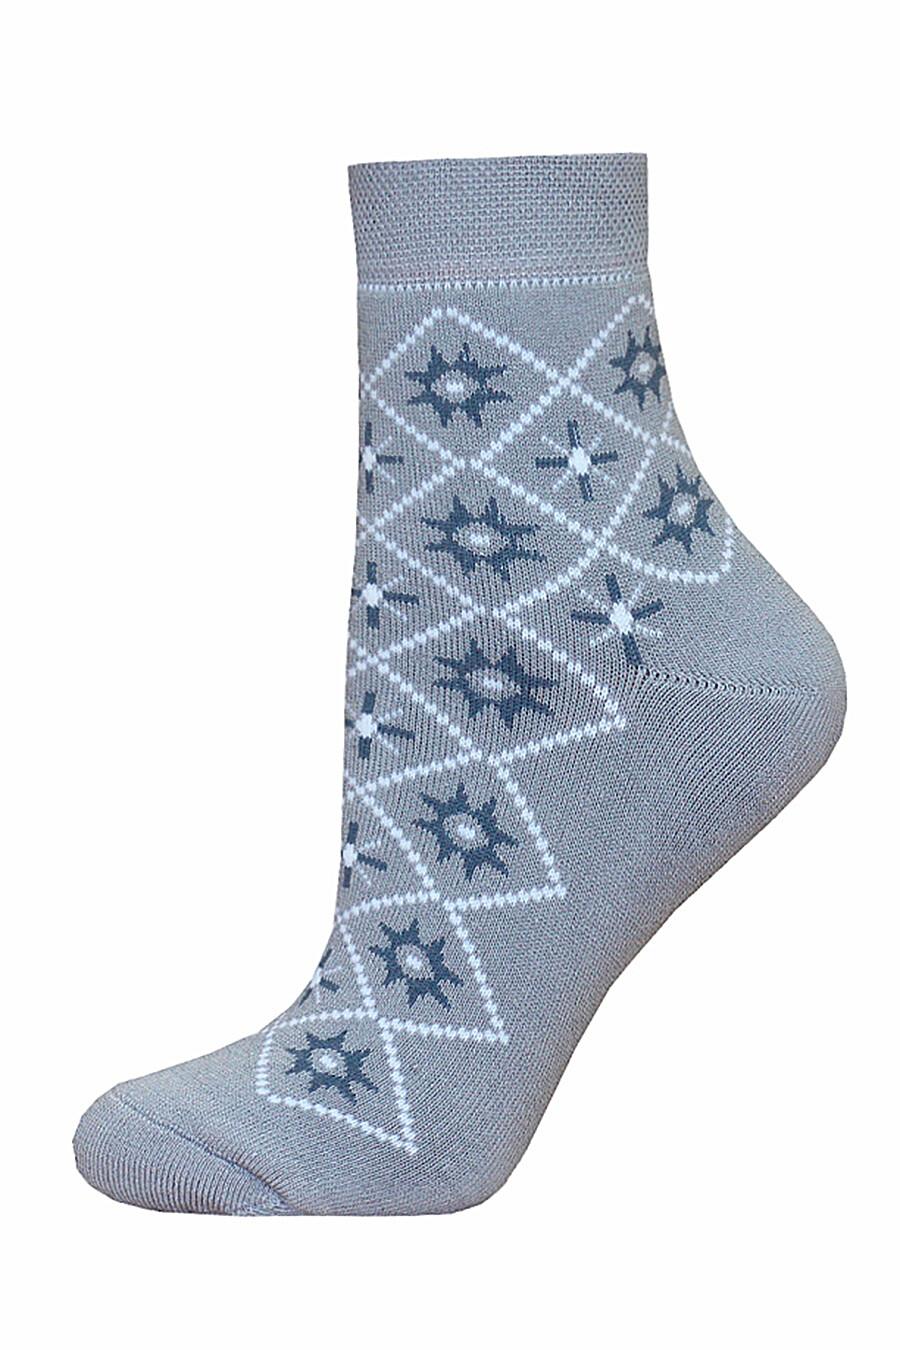 Носки для женщин БРЕСТСКИЕ 226926 купить оптом от производителя. Совместная покупка женской одежды в OptMoyo